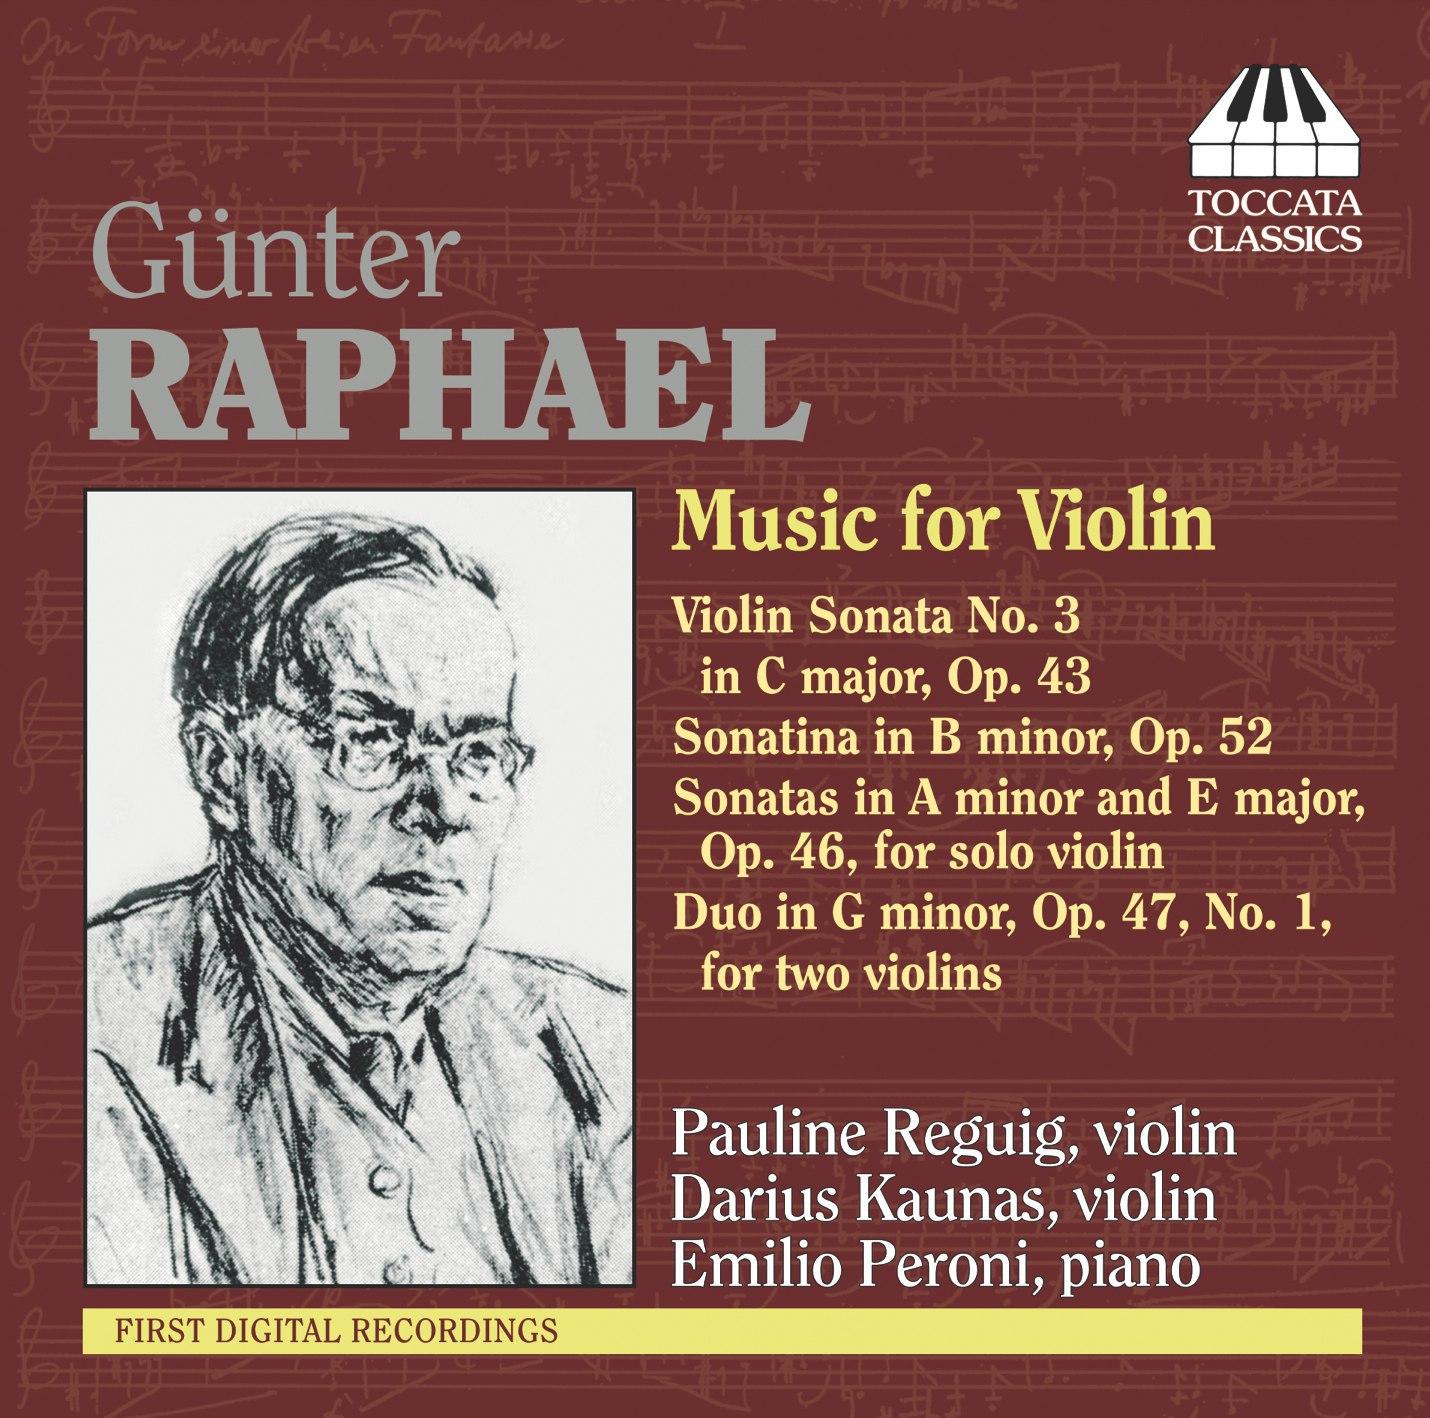 Günter Raphael: Music for Violin